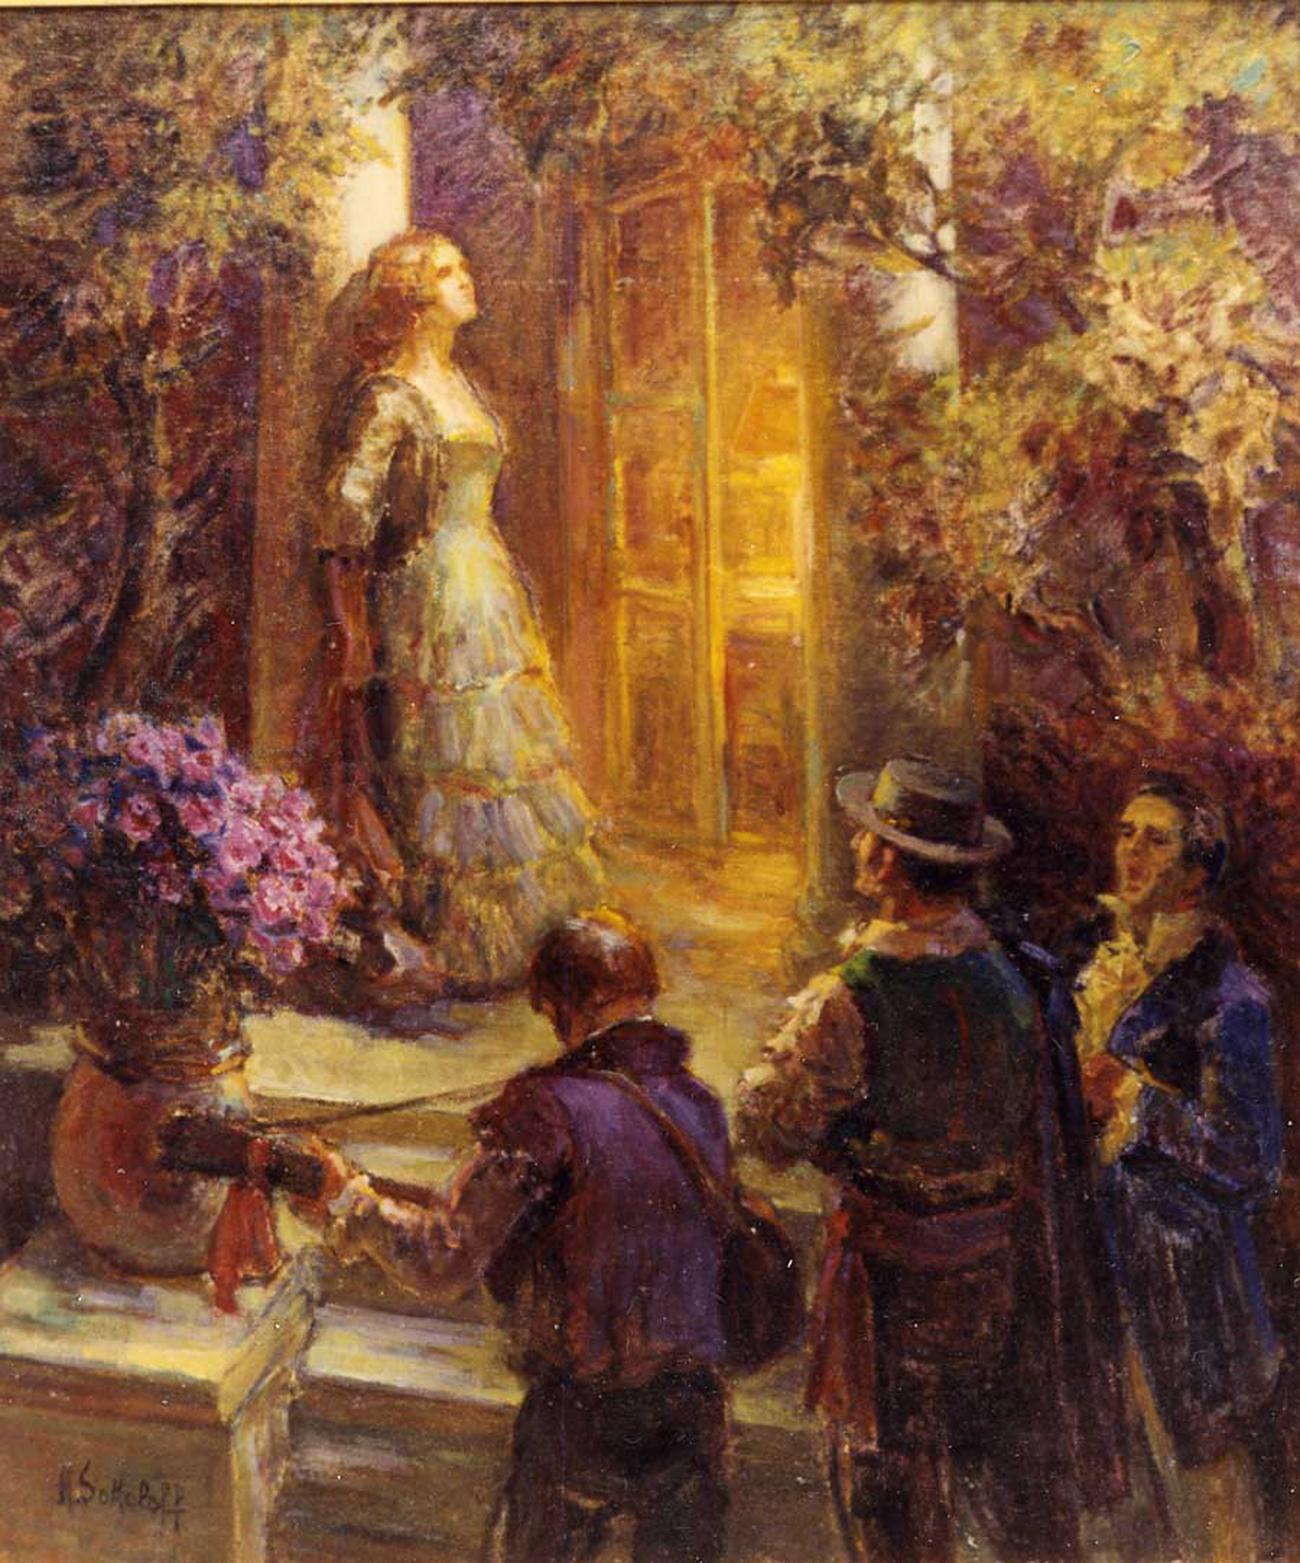 La serenata